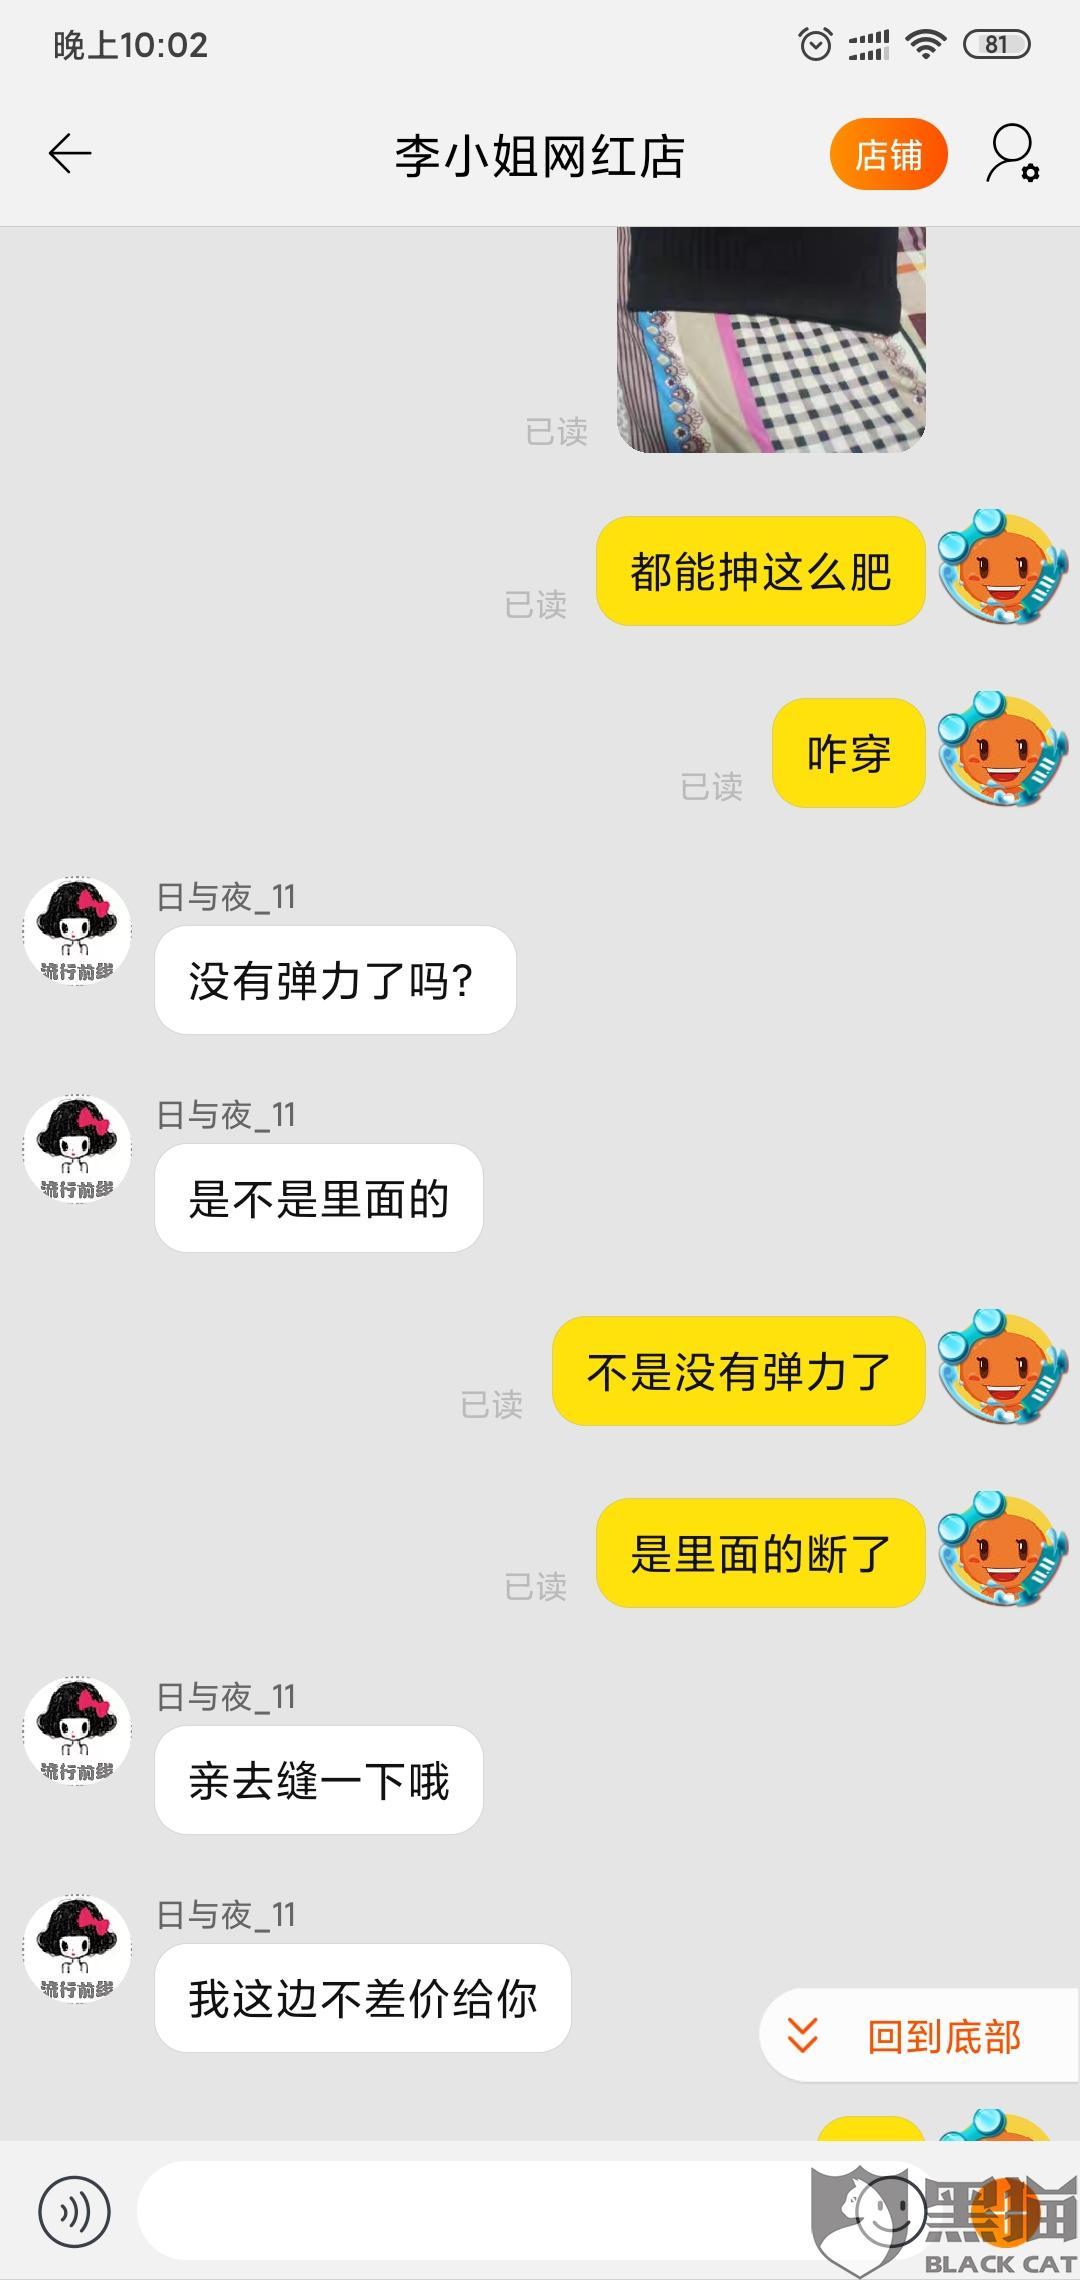 黑猫投诉:李小姐网红店的裙子有问题,要求赔偿和道歉